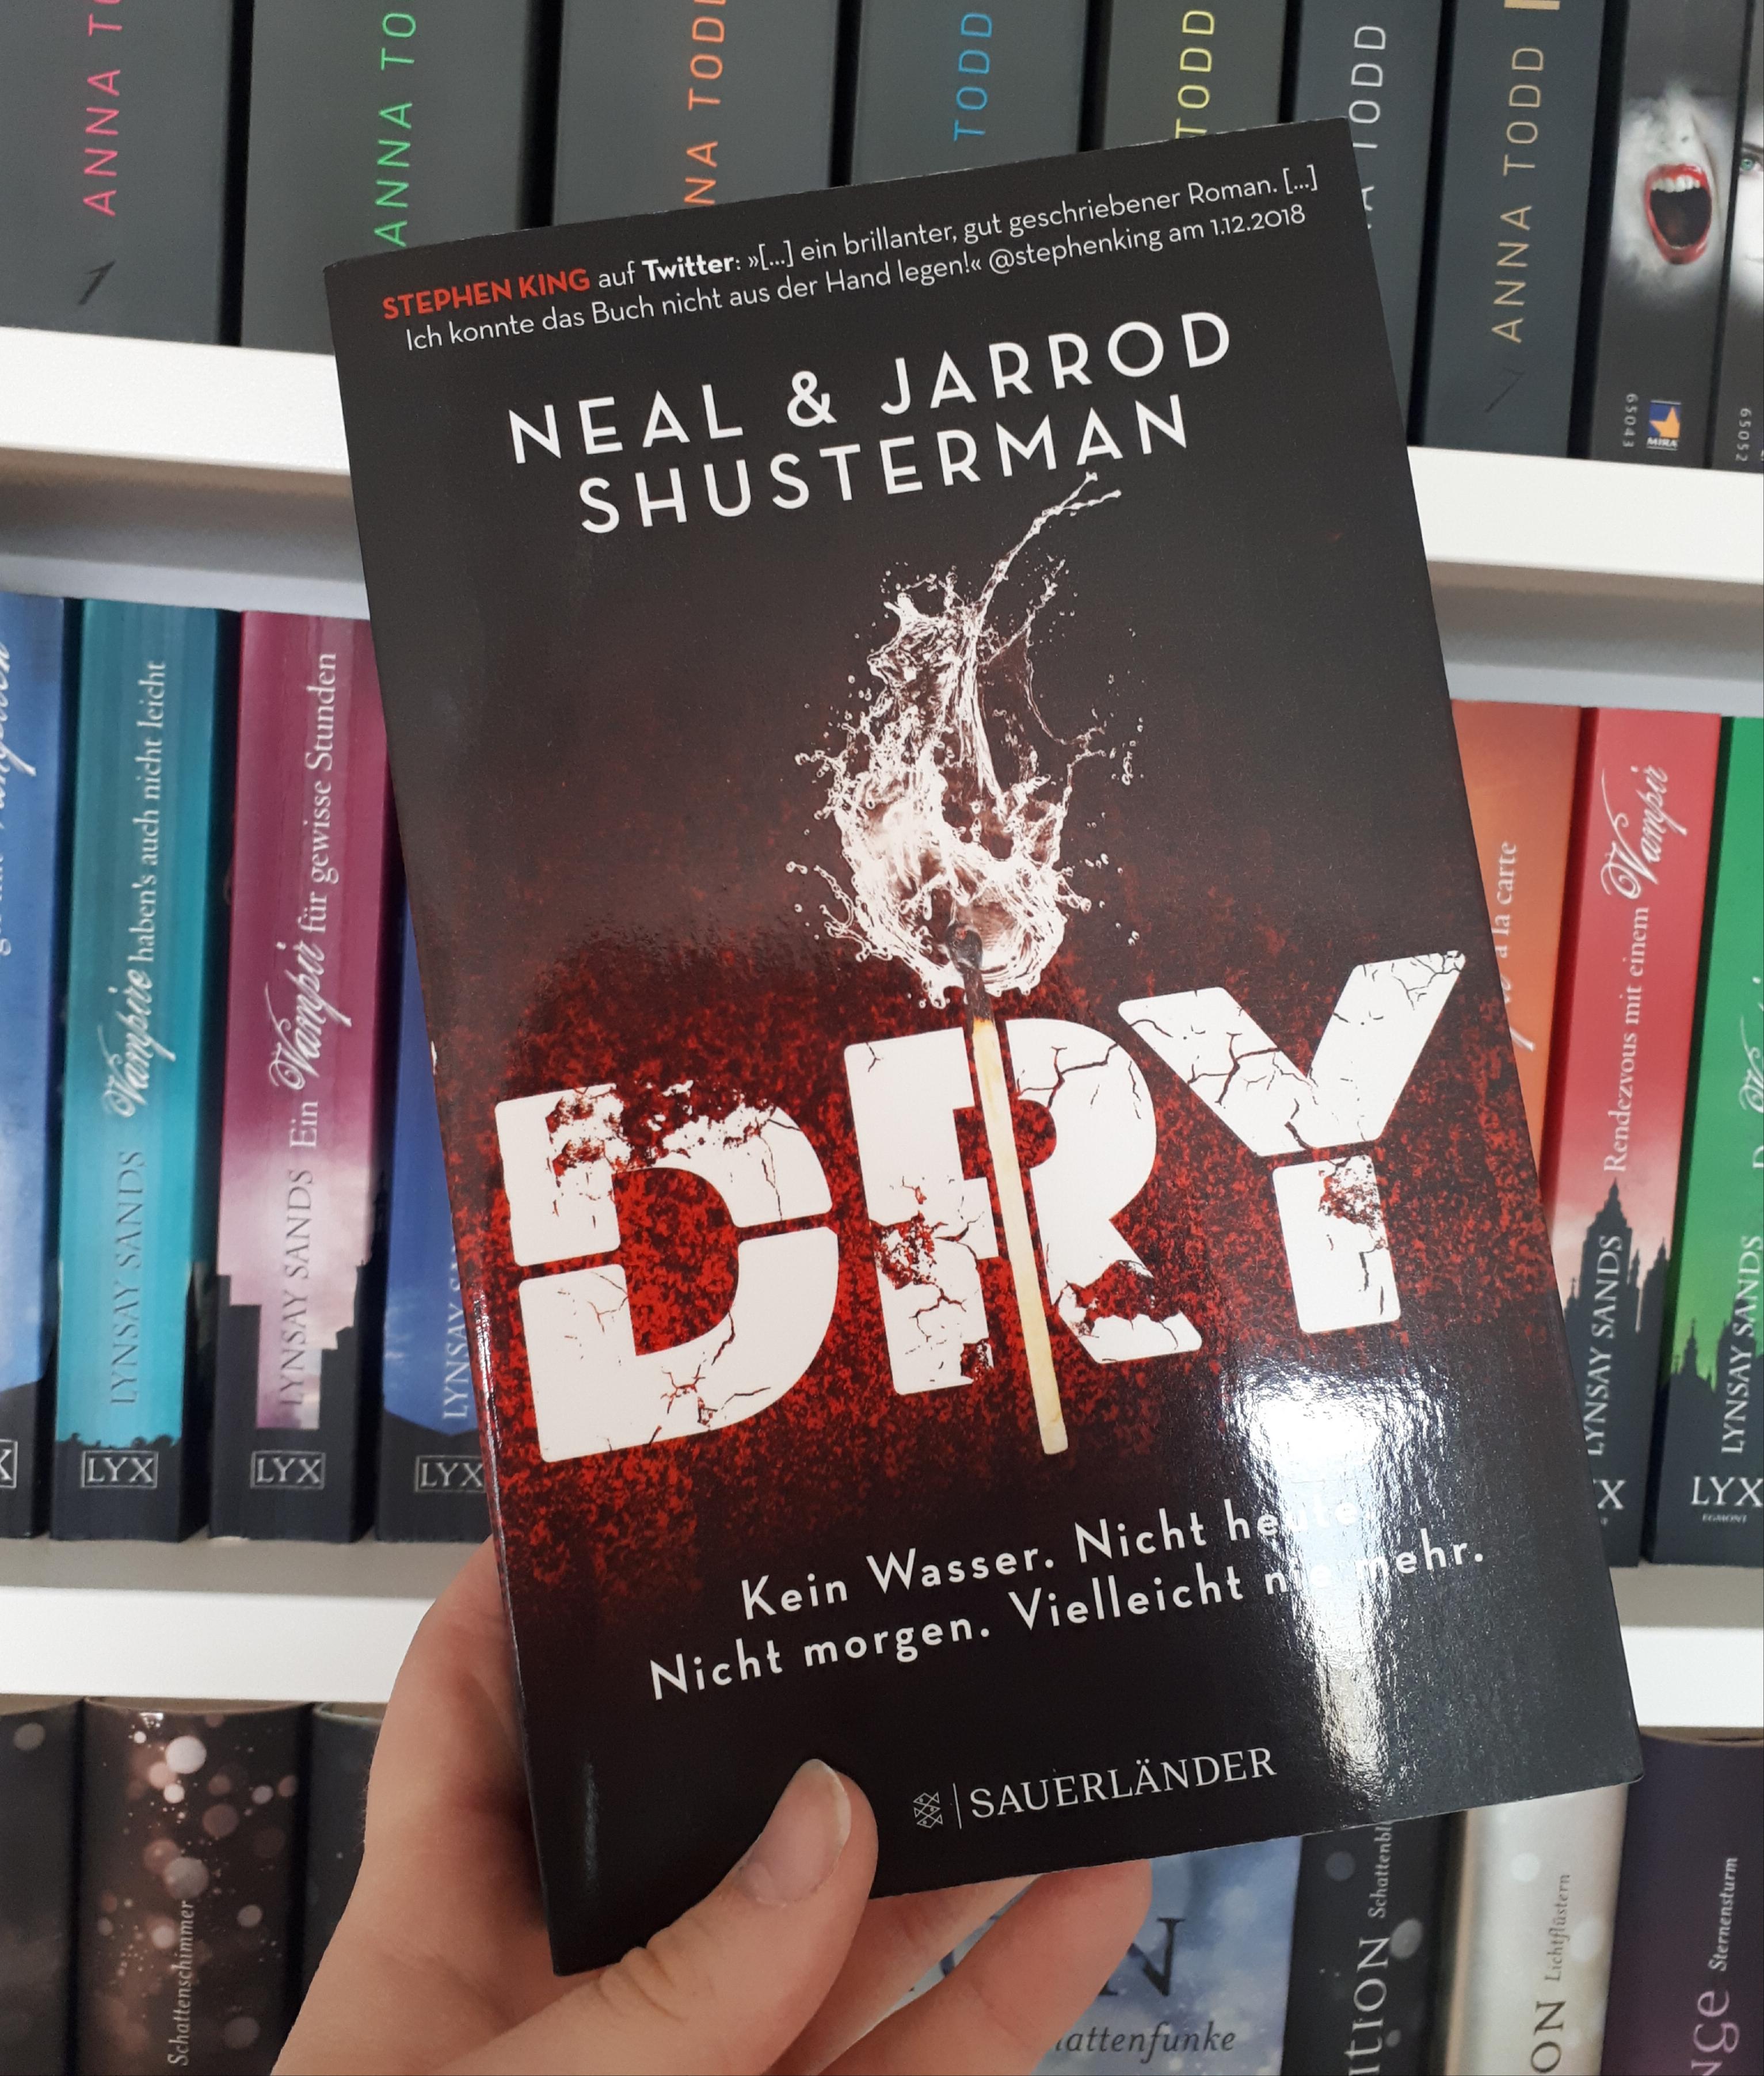 [Werbung] Dry. Neal Shusterman & Jarrod Shusterman